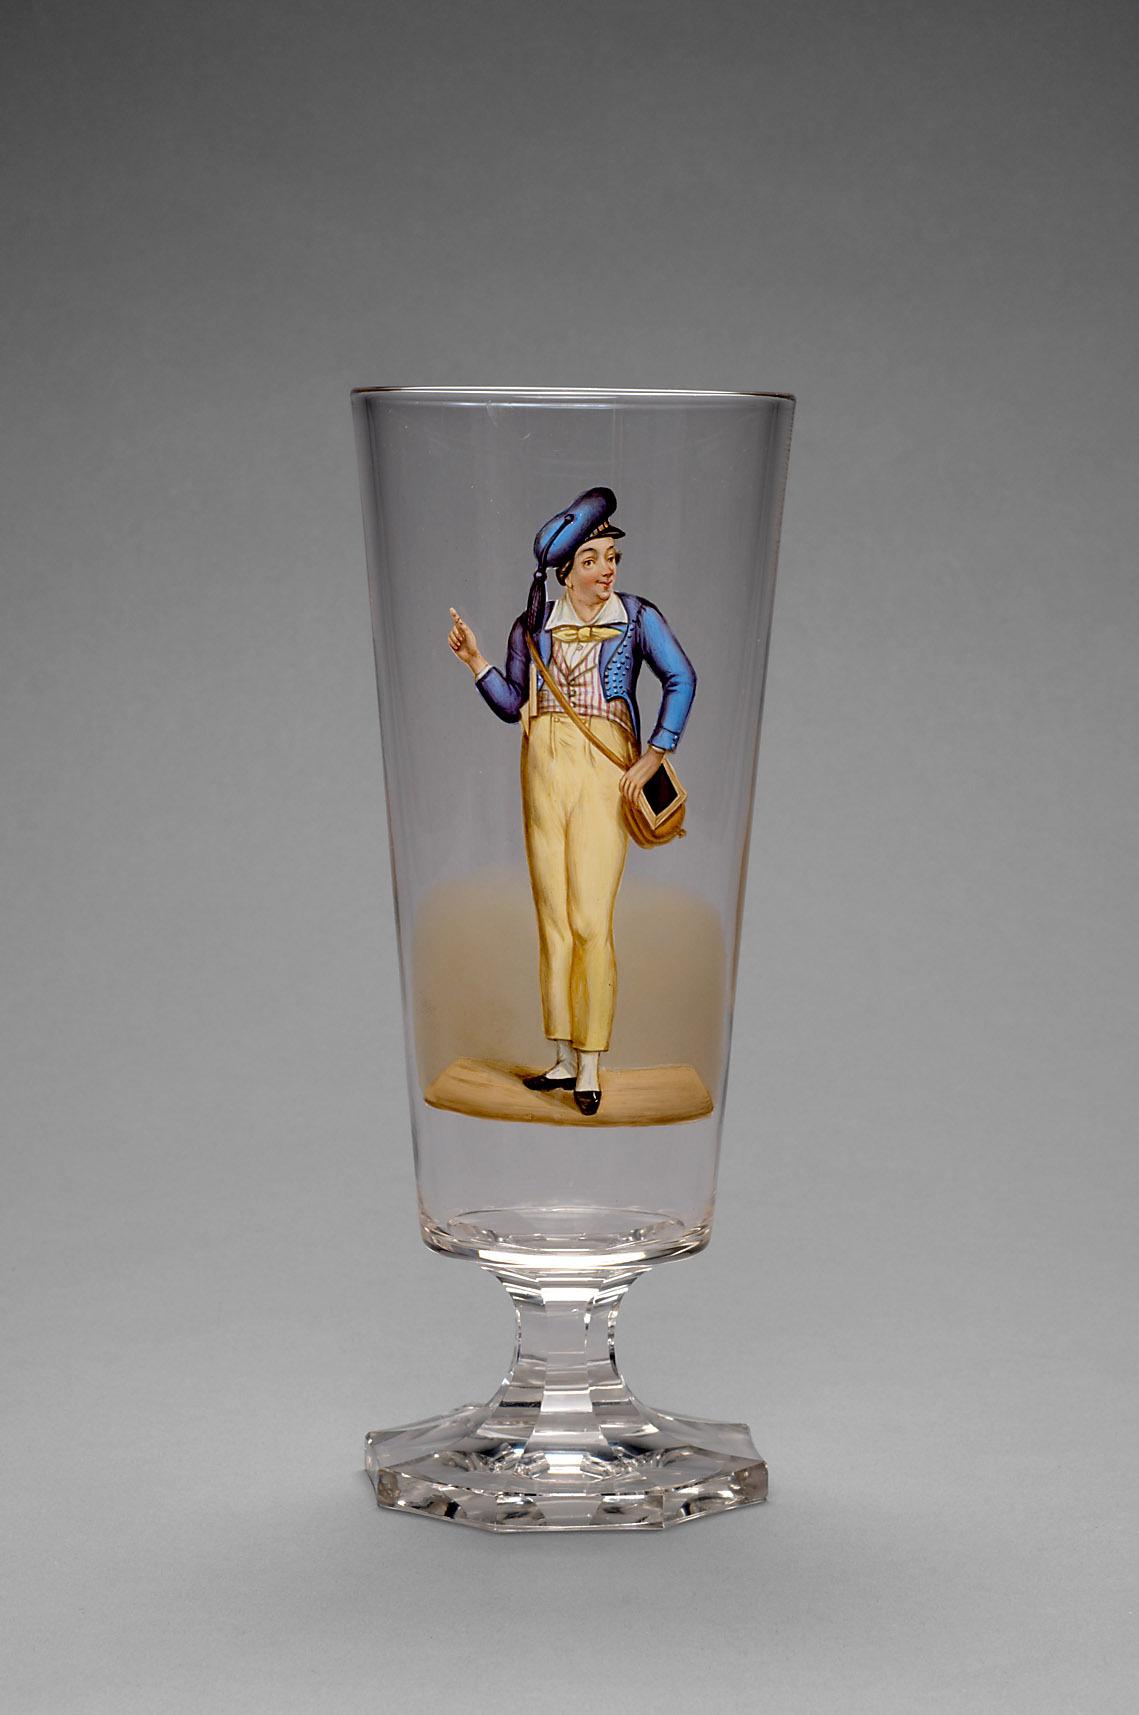 Trinkgefäß mit der Abbildung Nestroys als Willibald von Johann Nepomuk Nestroy